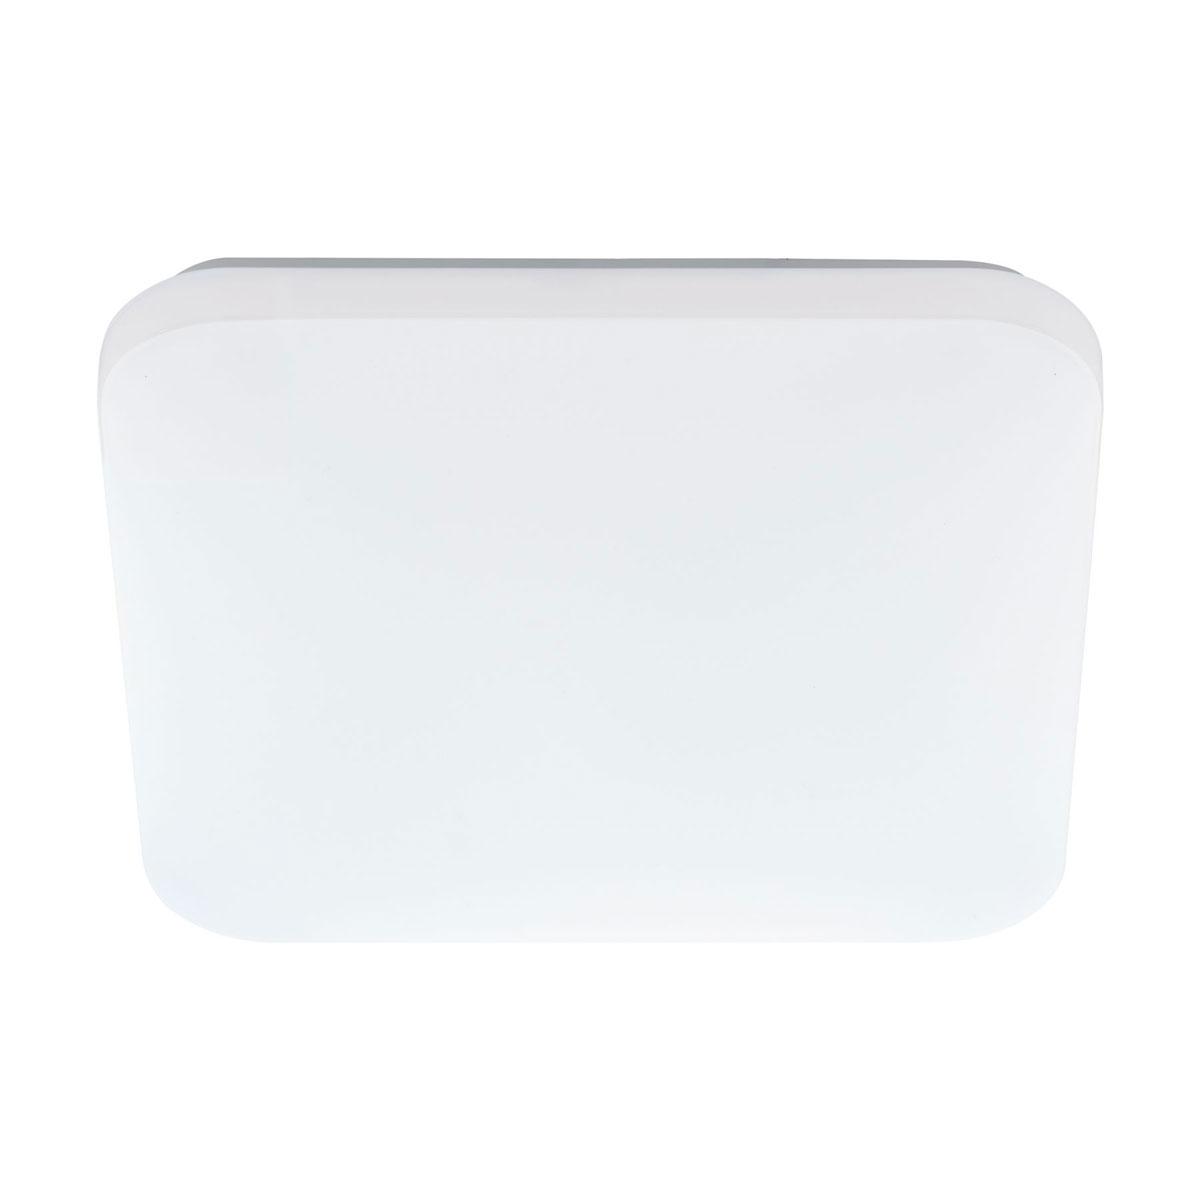 """Deckenleuchten - LED Deckenleuchte """"Frania"""", 22x22cm, weiß 22x22 cm cm  - Onlineshop Hellweg"""